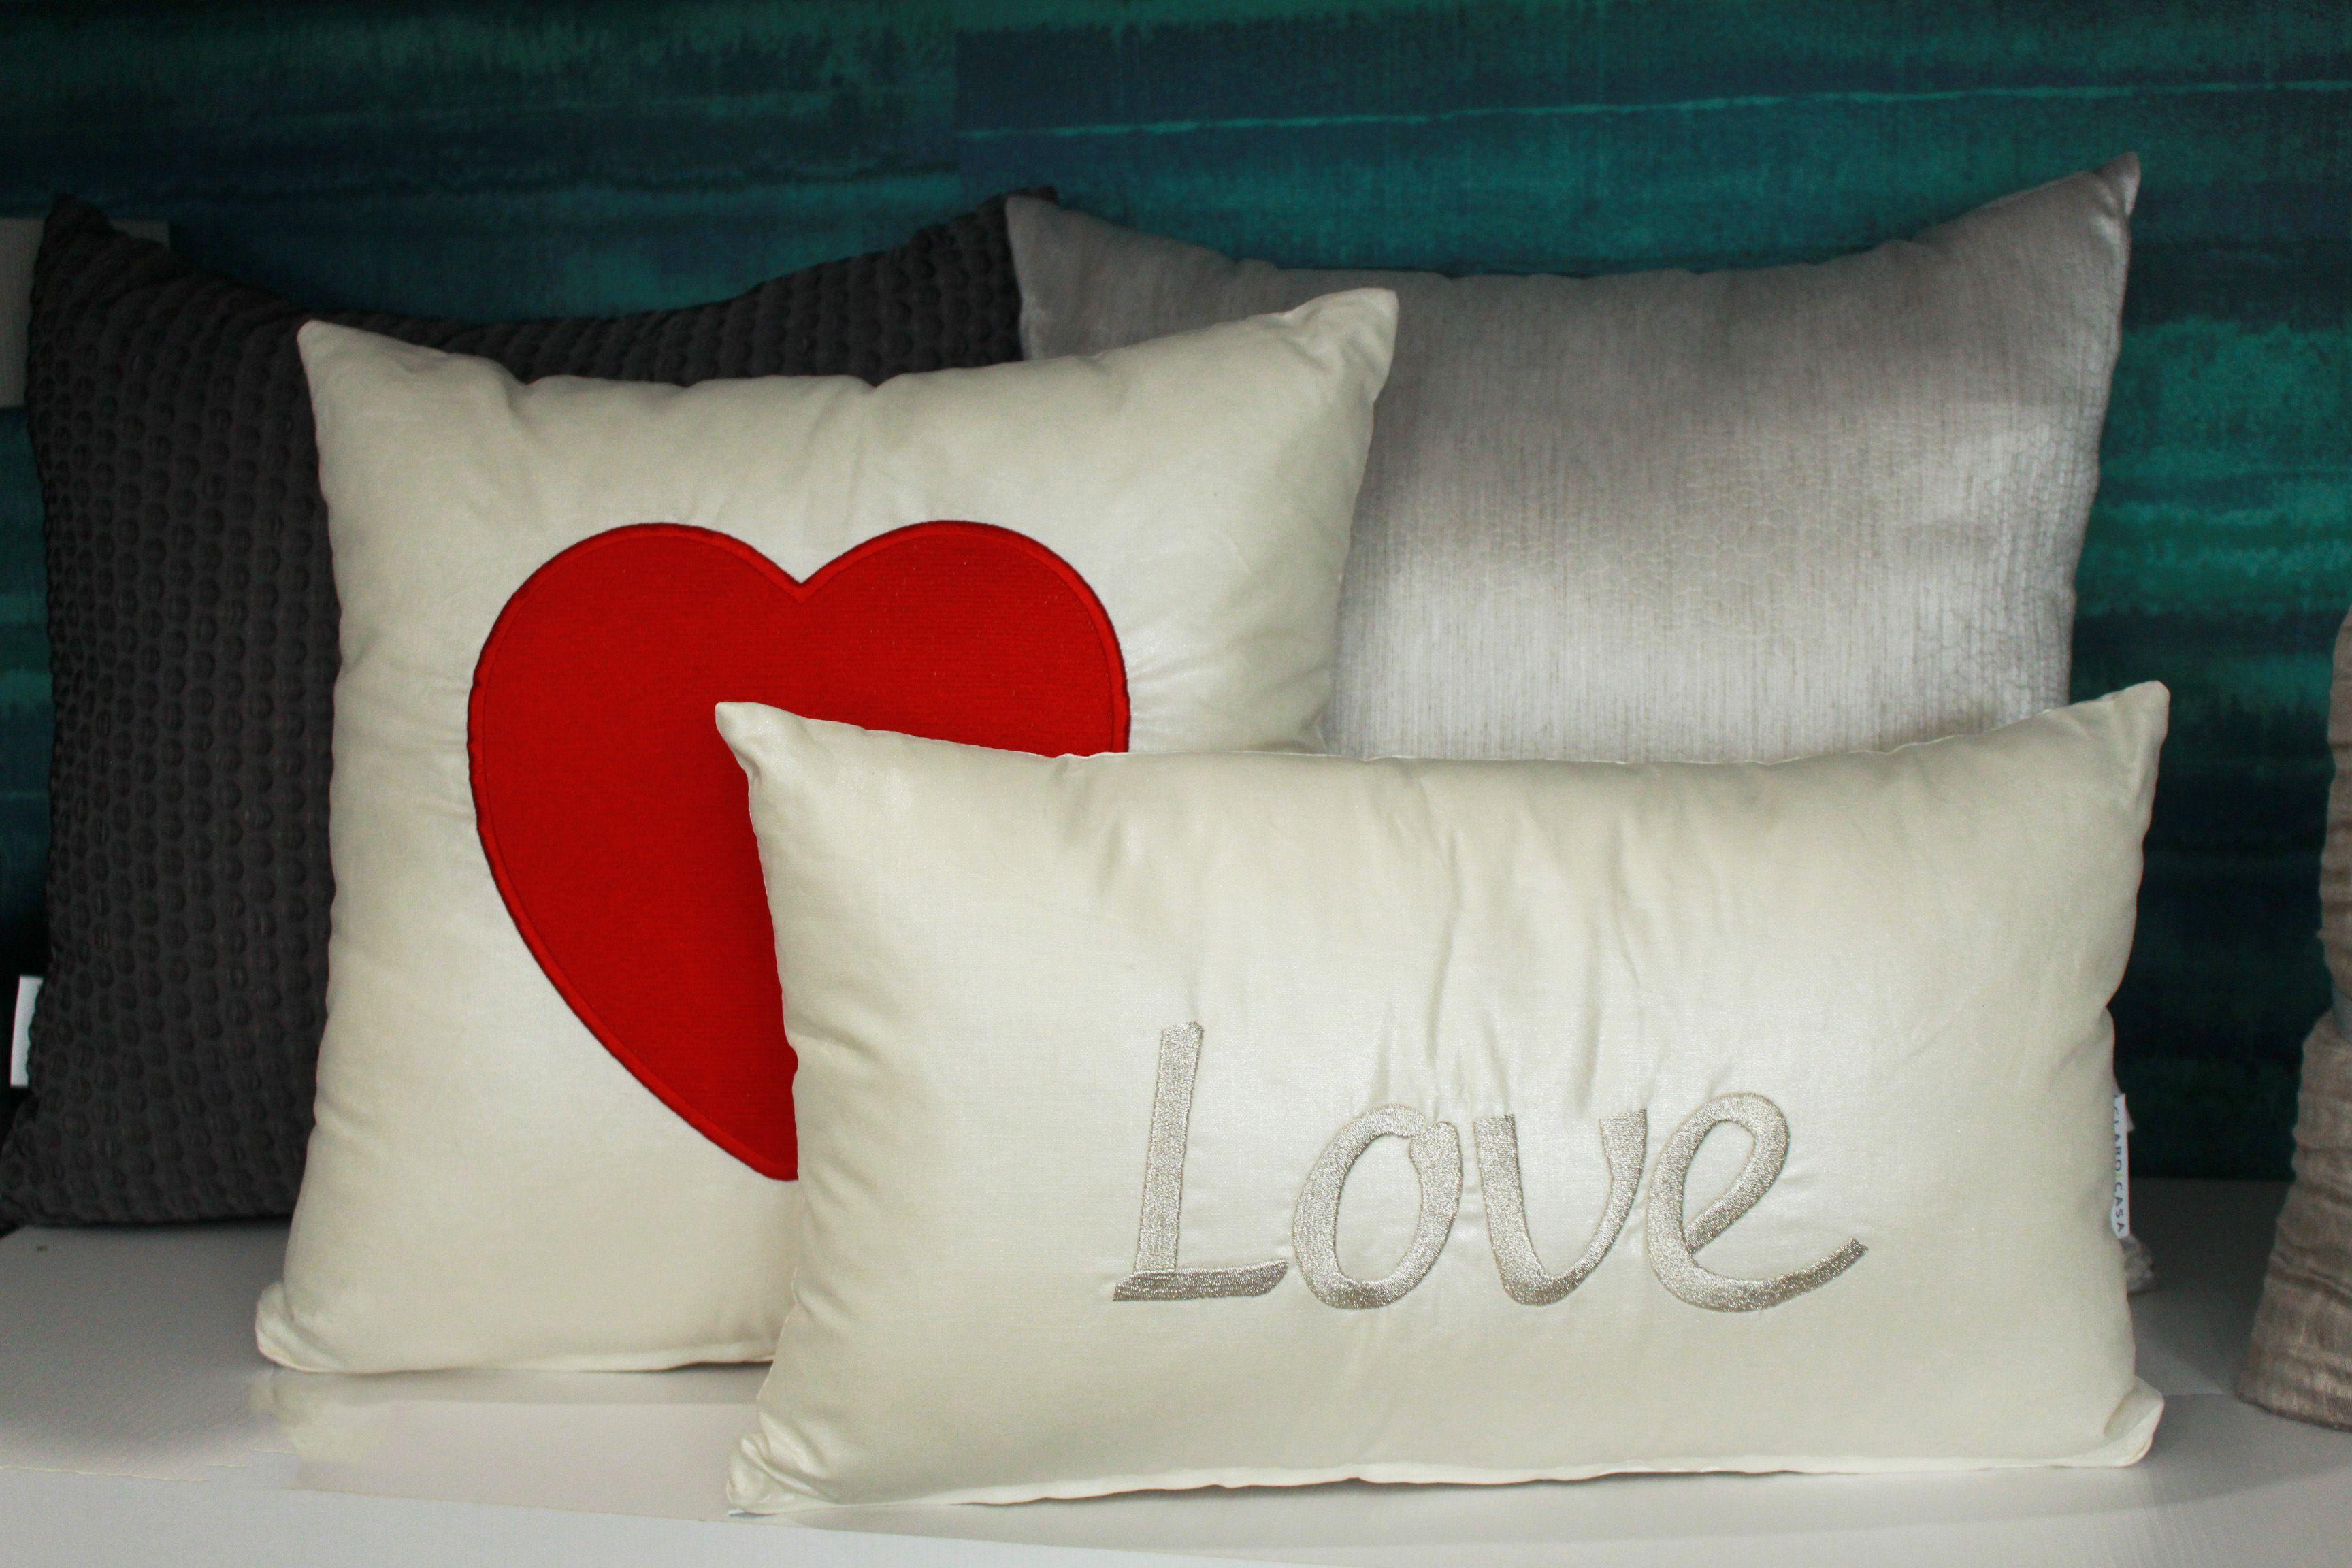 Read heart love pillow covers pillow covers pinterest pillows